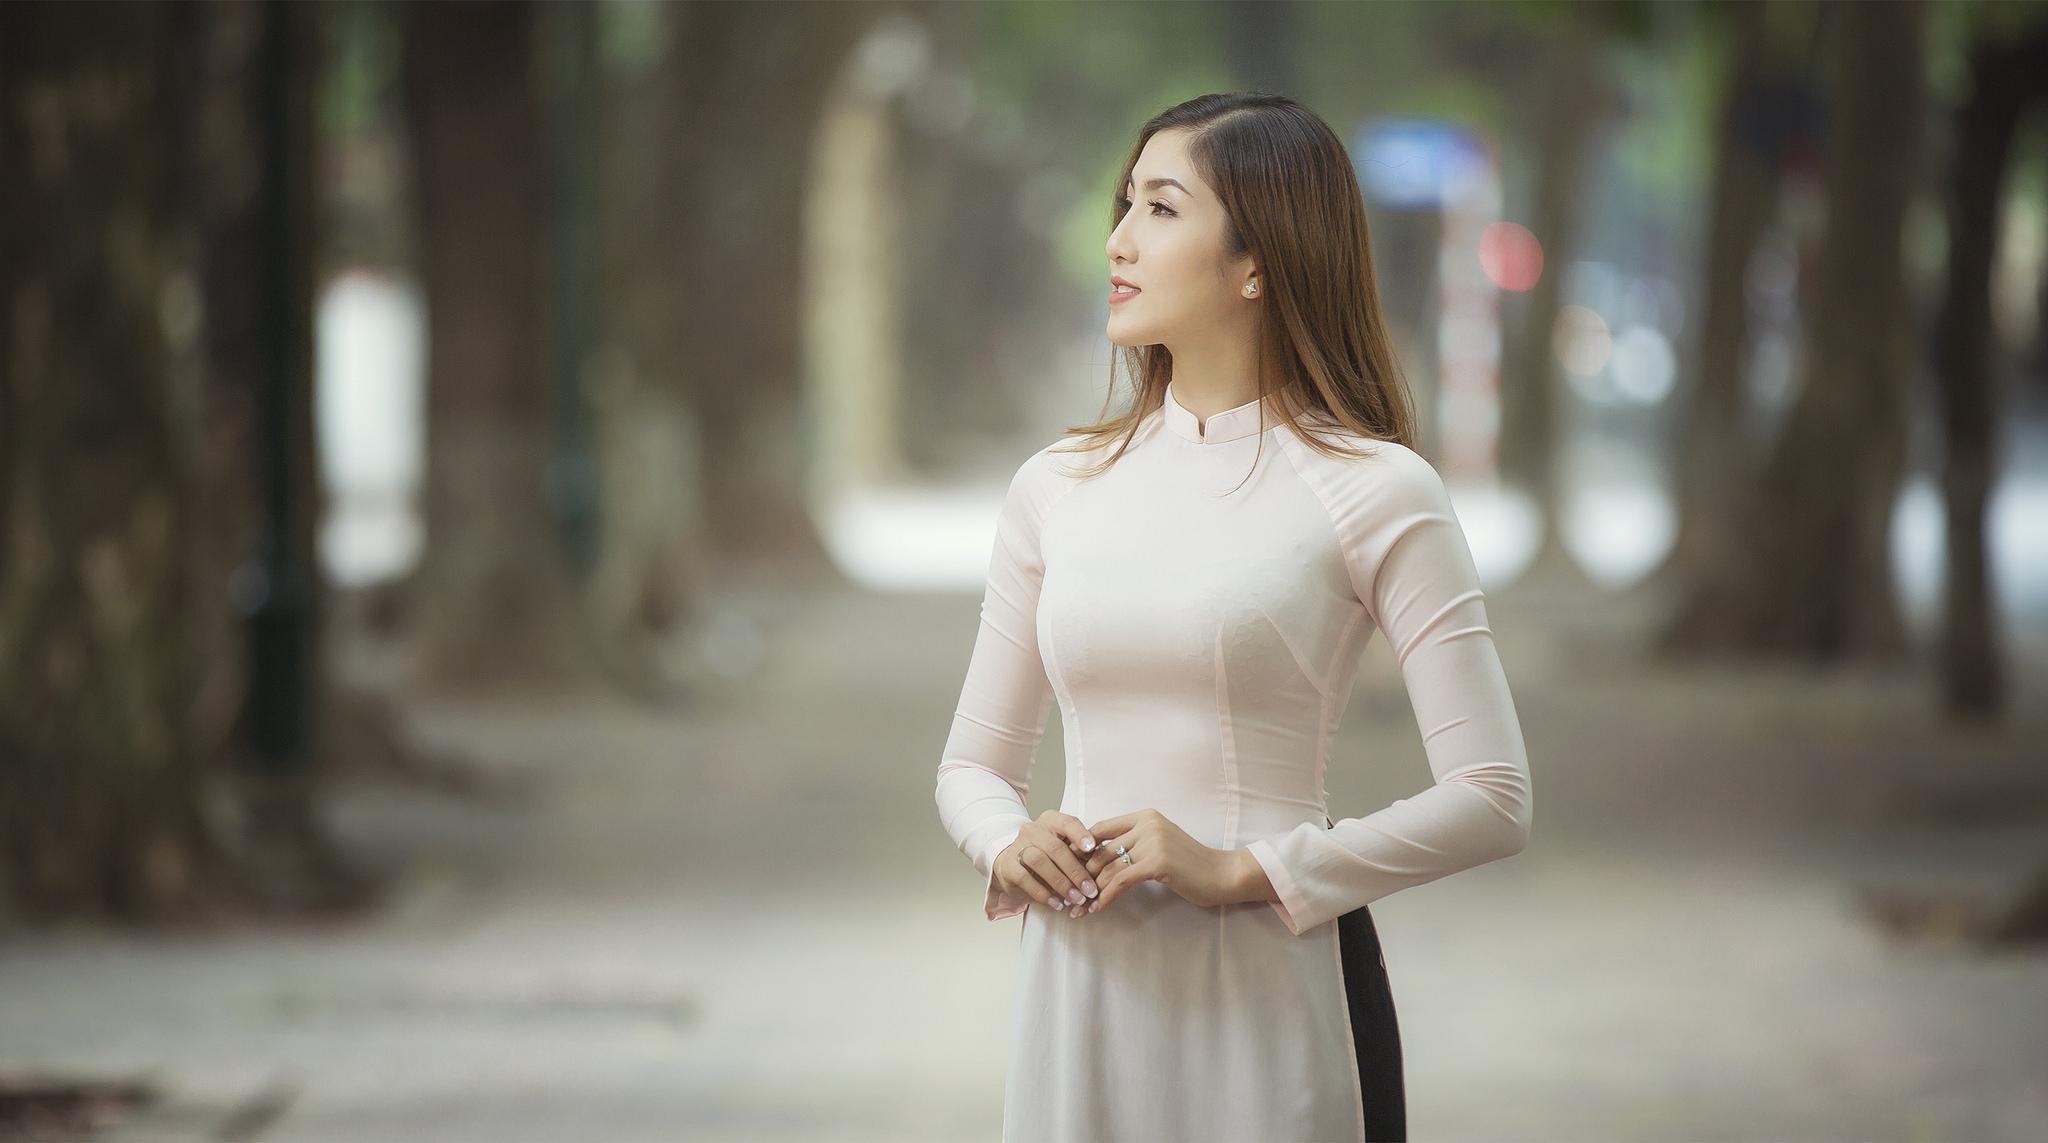 Tuyển tập girl xinh gái đẹp Việt Nam mặc áo dài đẹp mê hồn #60 - 23